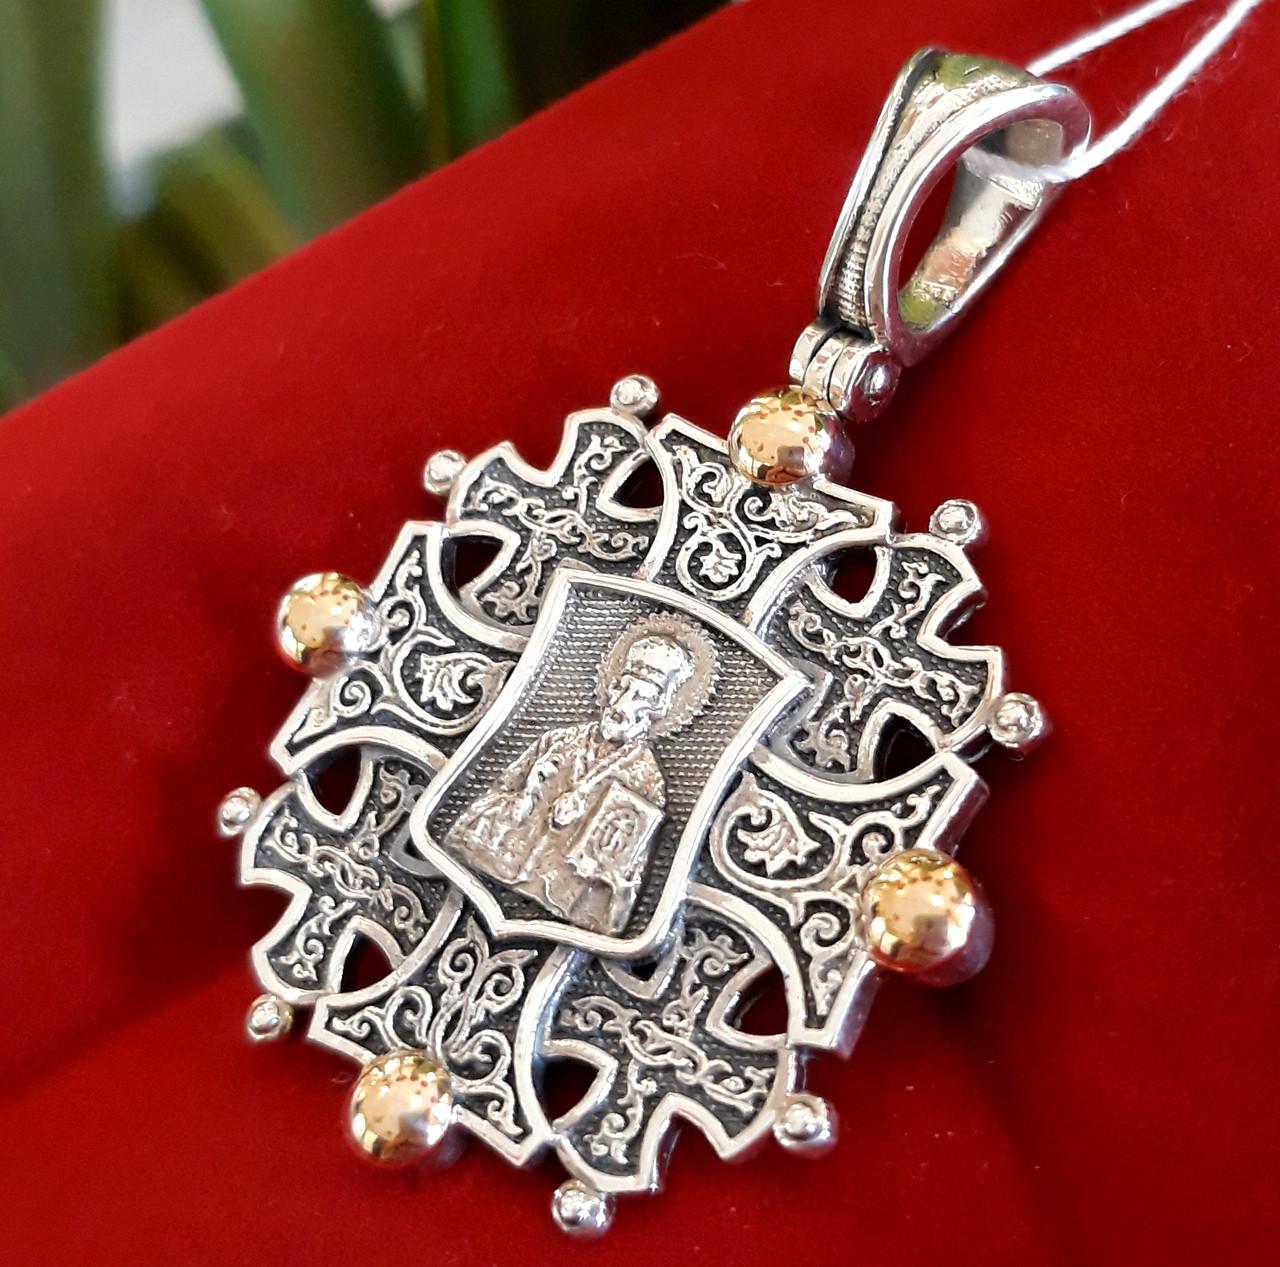 Константиновский мужской крест с Николаем Чудотворцем